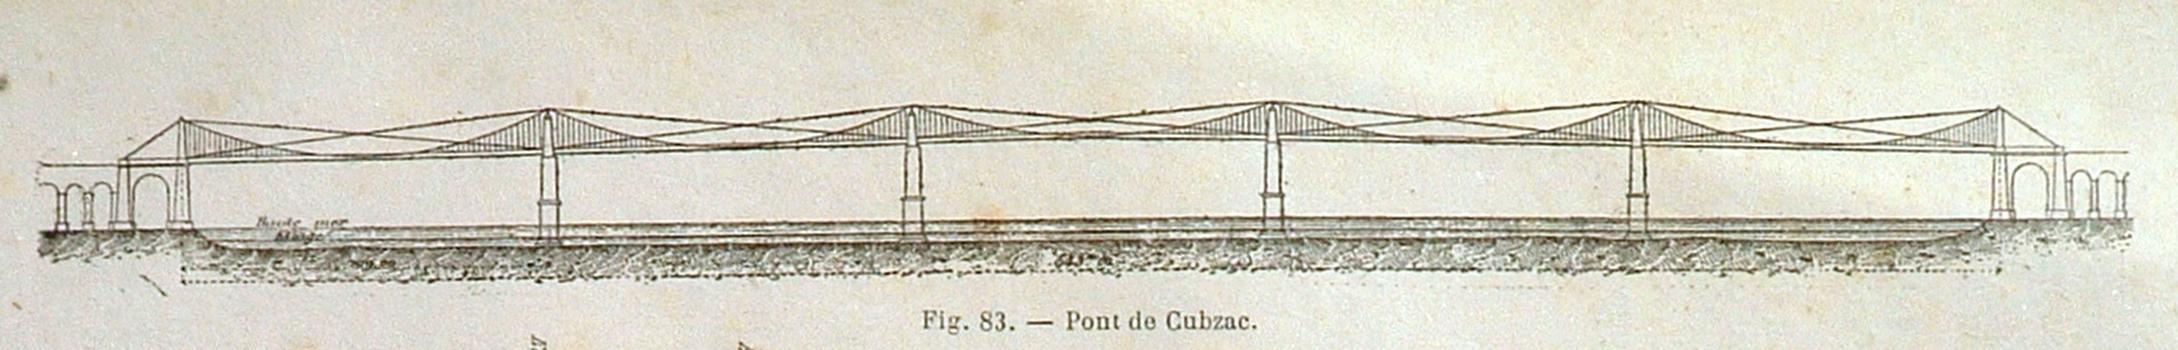 Pont de Cubzac (1838)  Coupe longitudinale